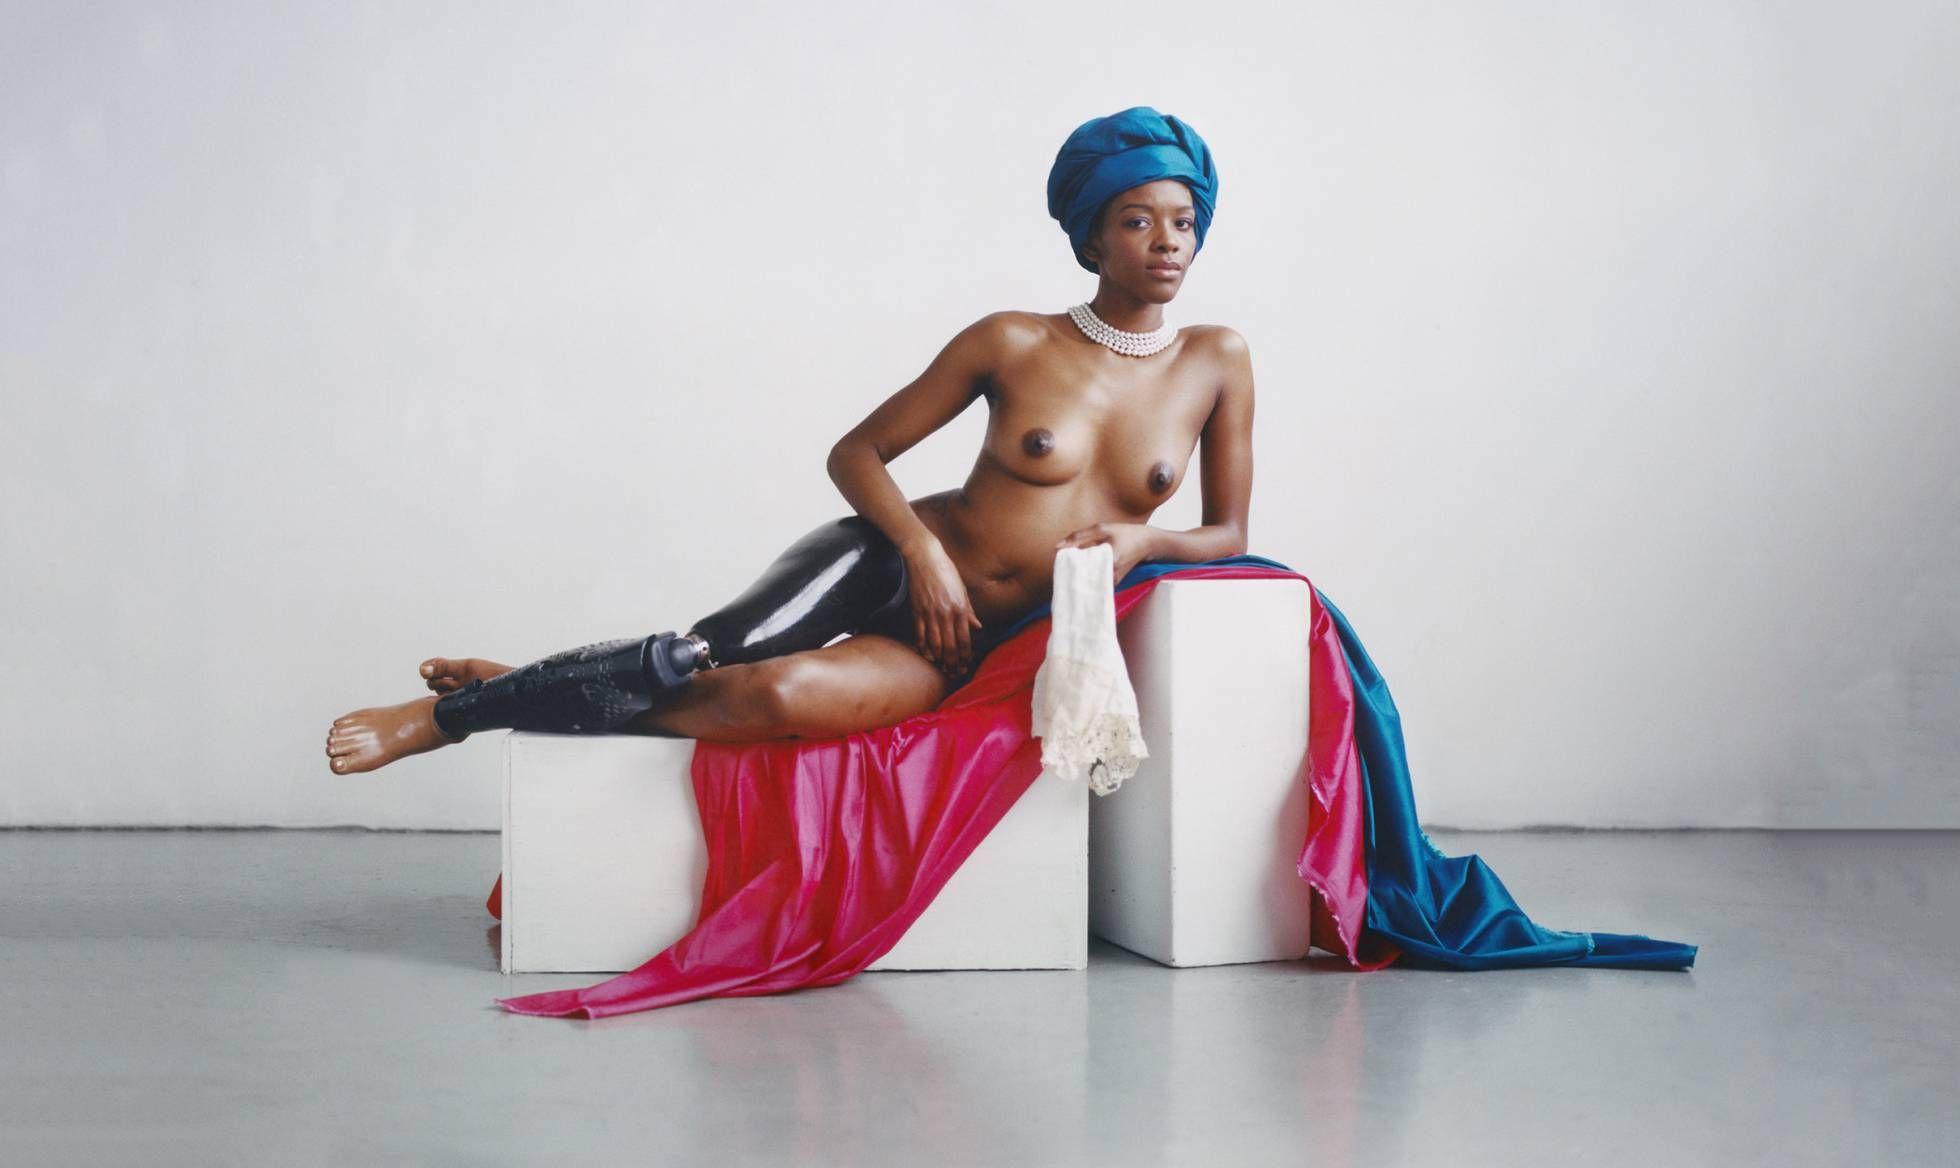 Kiara Roberts, @ihartericka, perdió una pierna en un accidente cuando era niña. Hoy es modelo y activista por la igualdad de las personas con discapacidad. Maquillaje de @agussuga_mua